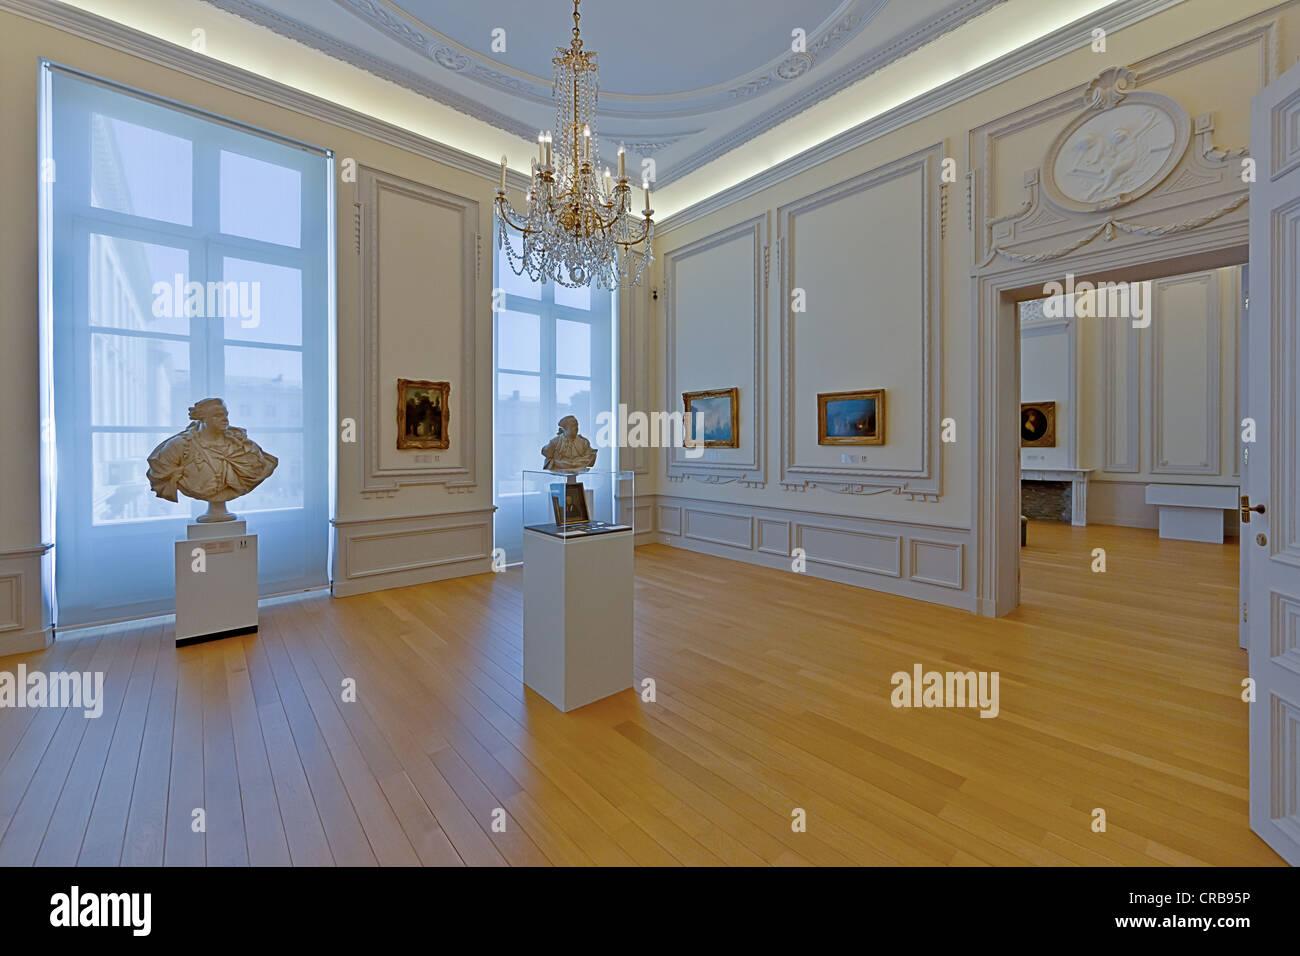 Royal Museums of Fine Arts of Belgium, Musées royaux des Beaux-Arts de Belgique, Rue du Musée, Brussels, Belgium, Stock Photo